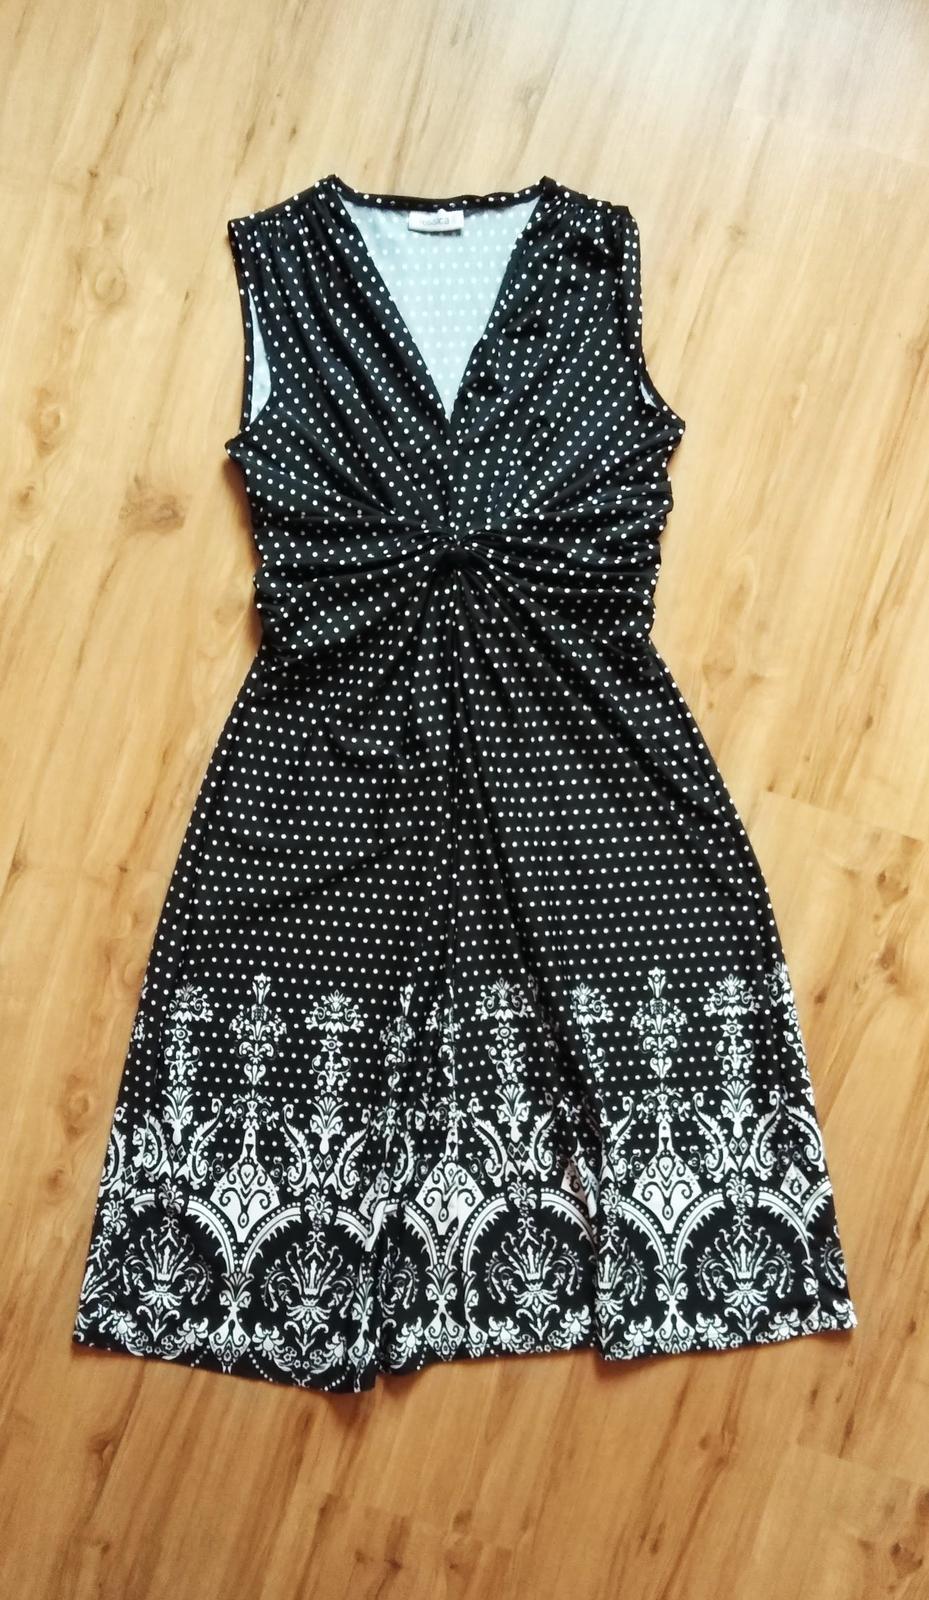 bodkované šaty s potlačou - Obrázok č. 1